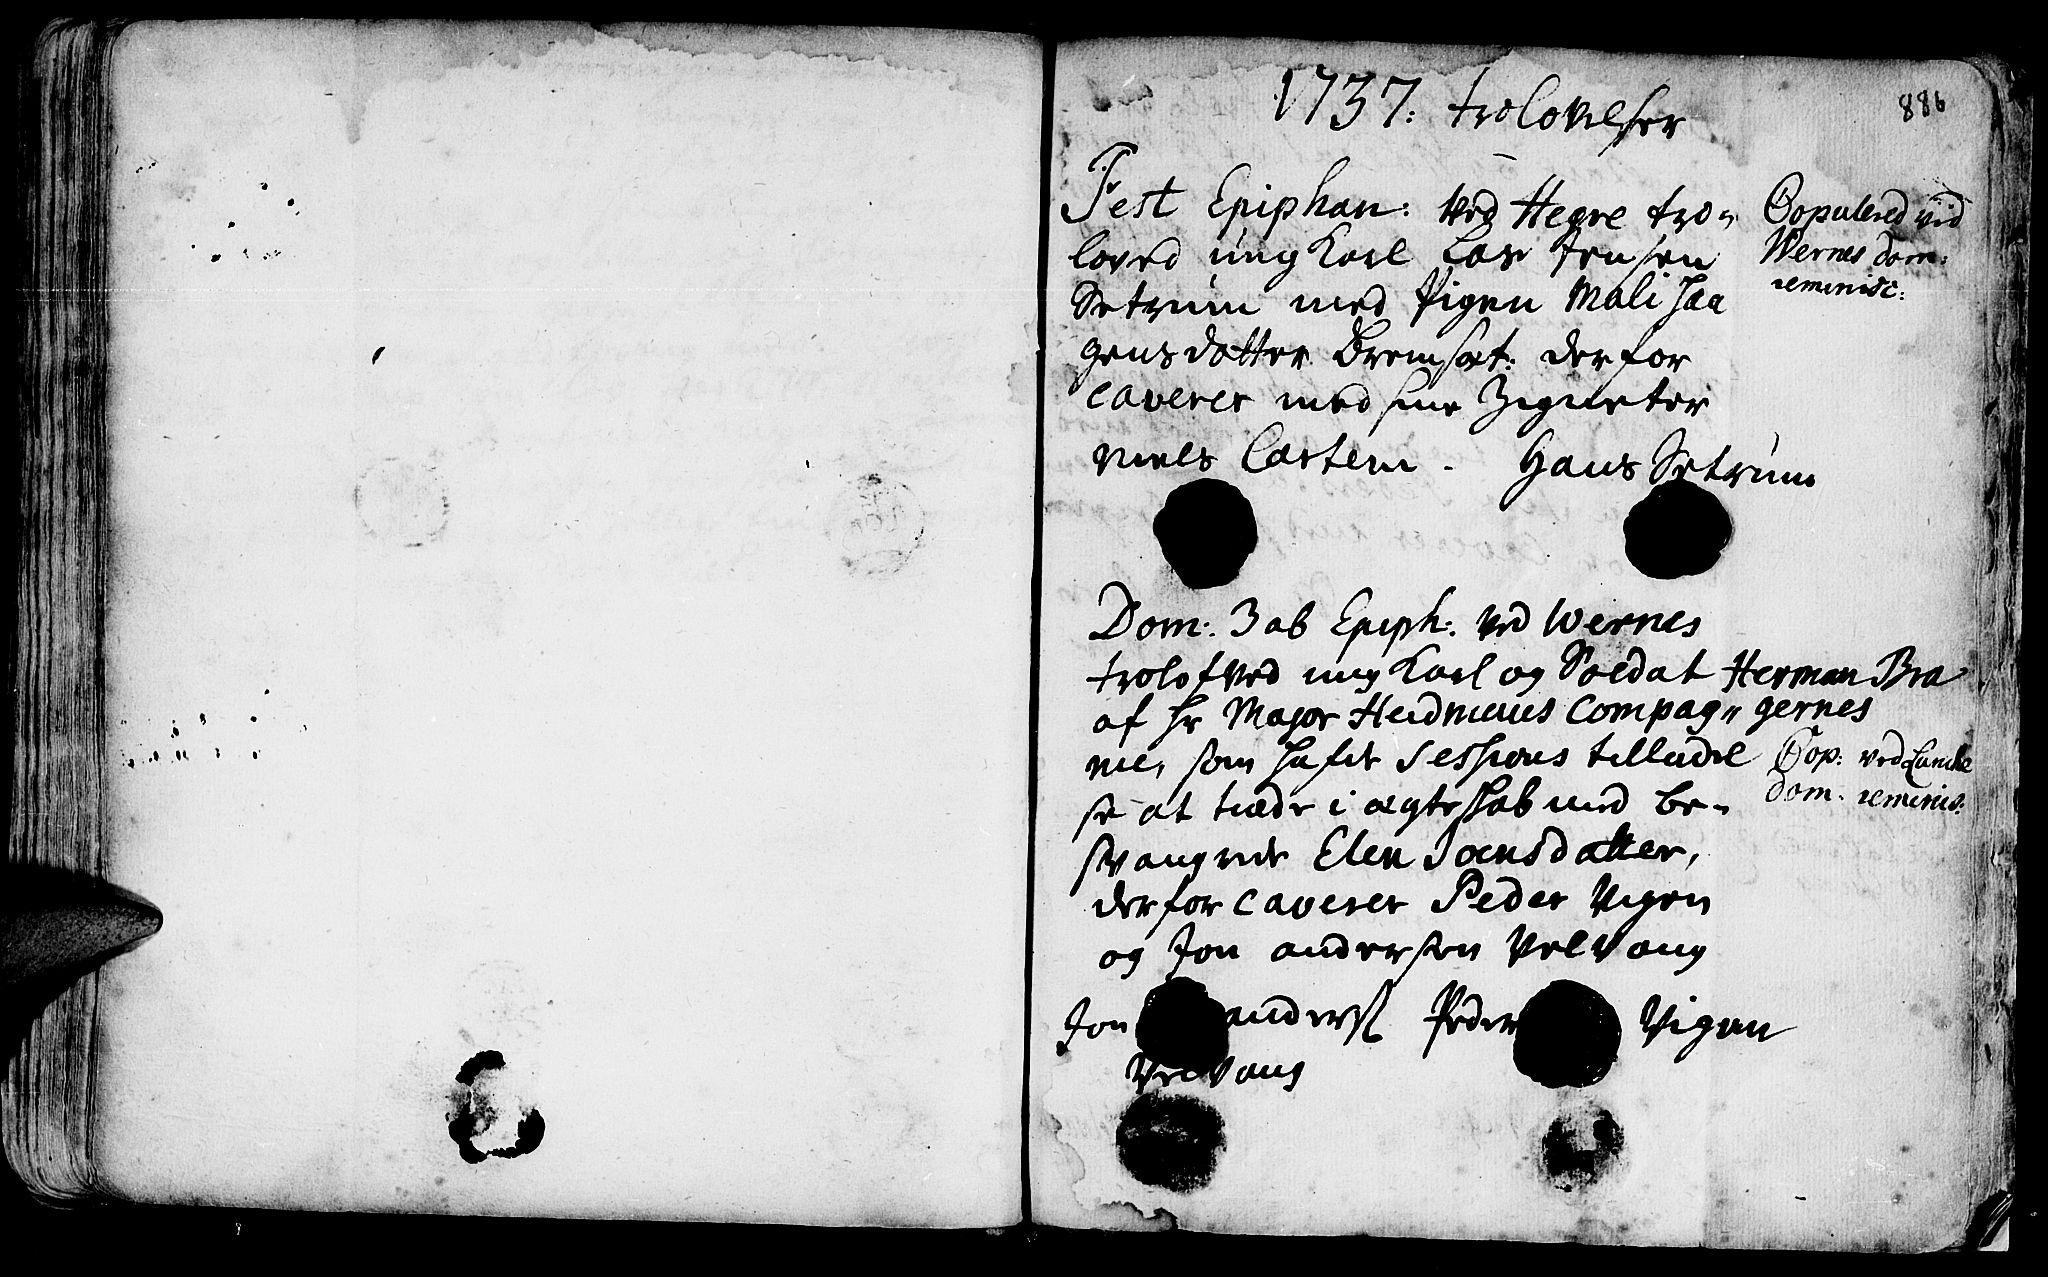 SAT, Ministerialprotokoller, klokkerbøker og fødselsregistre - Nord-Trøndelag, 709/L0055: Ministerialbok nr. 709A03, 1730-1739, s. 885-886